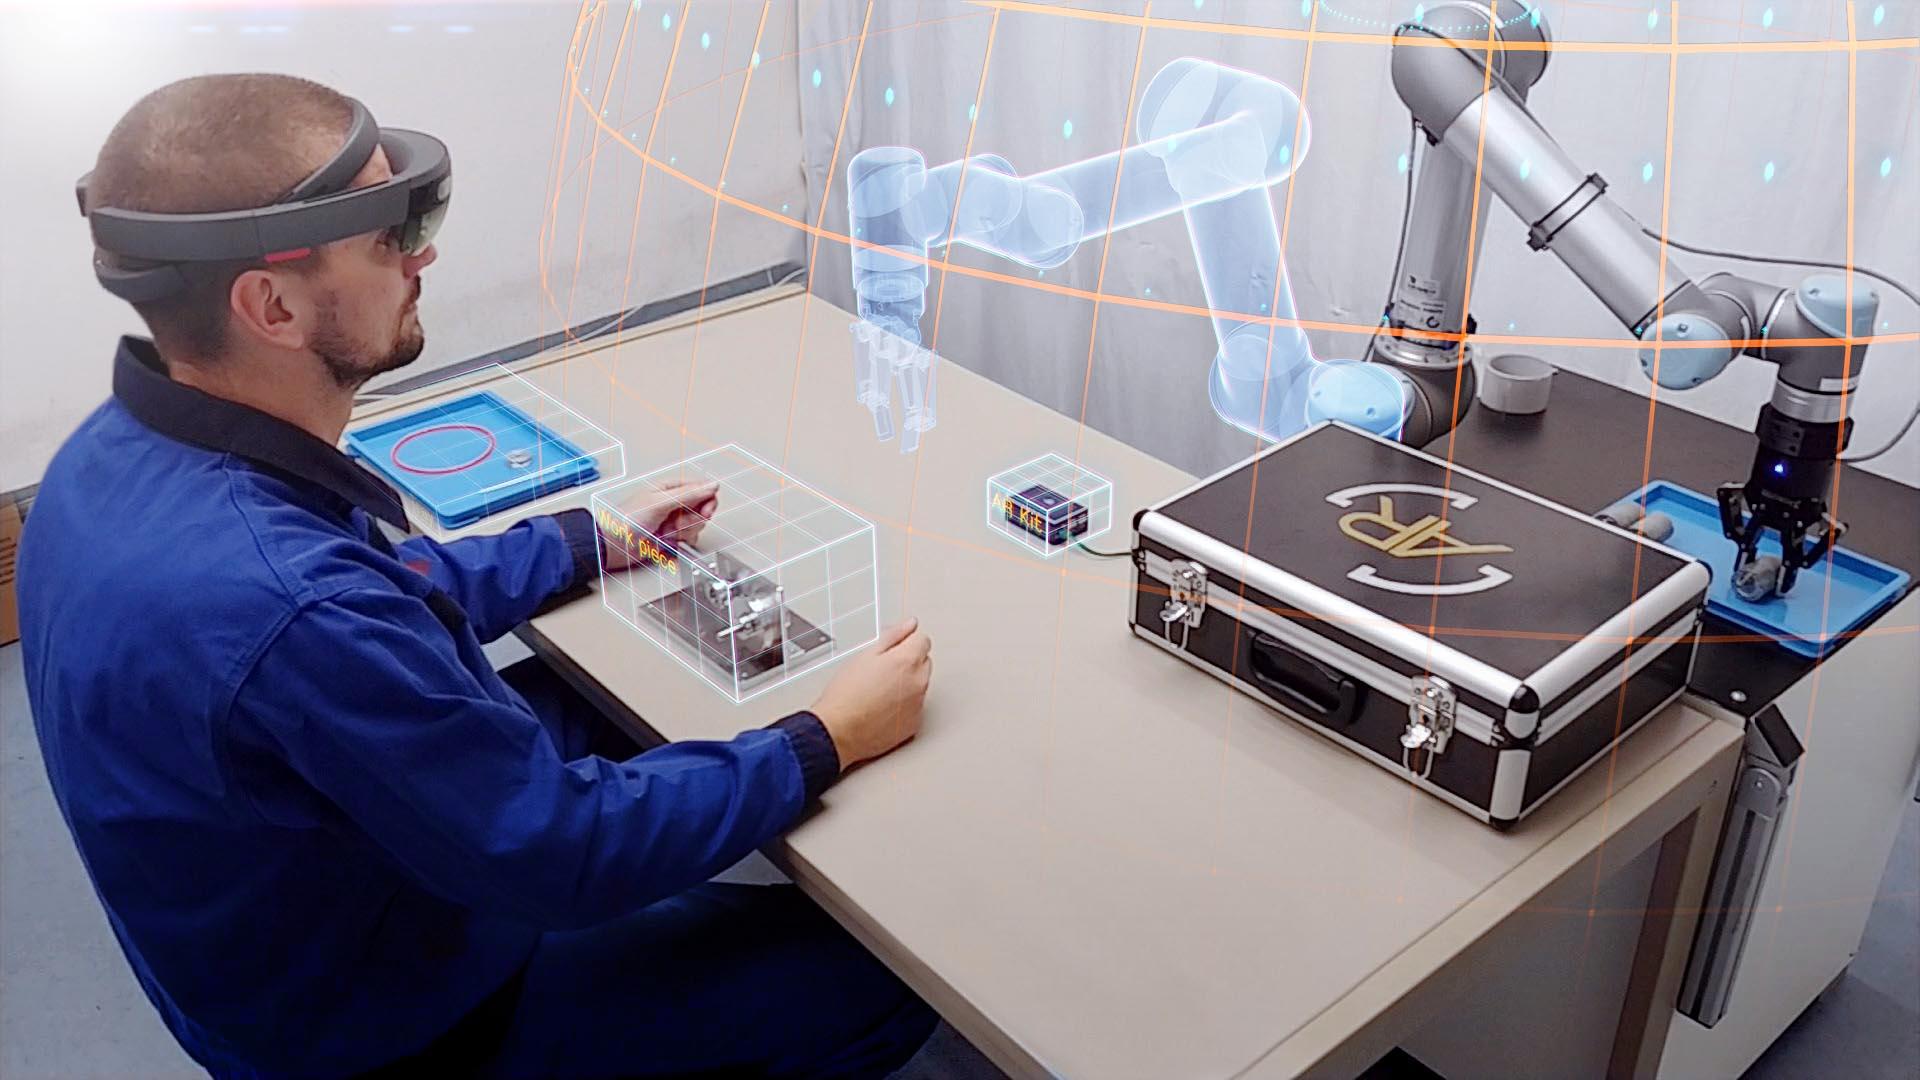 """Hybrides Arbeitssystem """"Augmented Robots"""", ermöglicht nahtlose Kollaboration durch Augmented Reality und intuitiver Gestensteuerung:  YouTube-Link"""